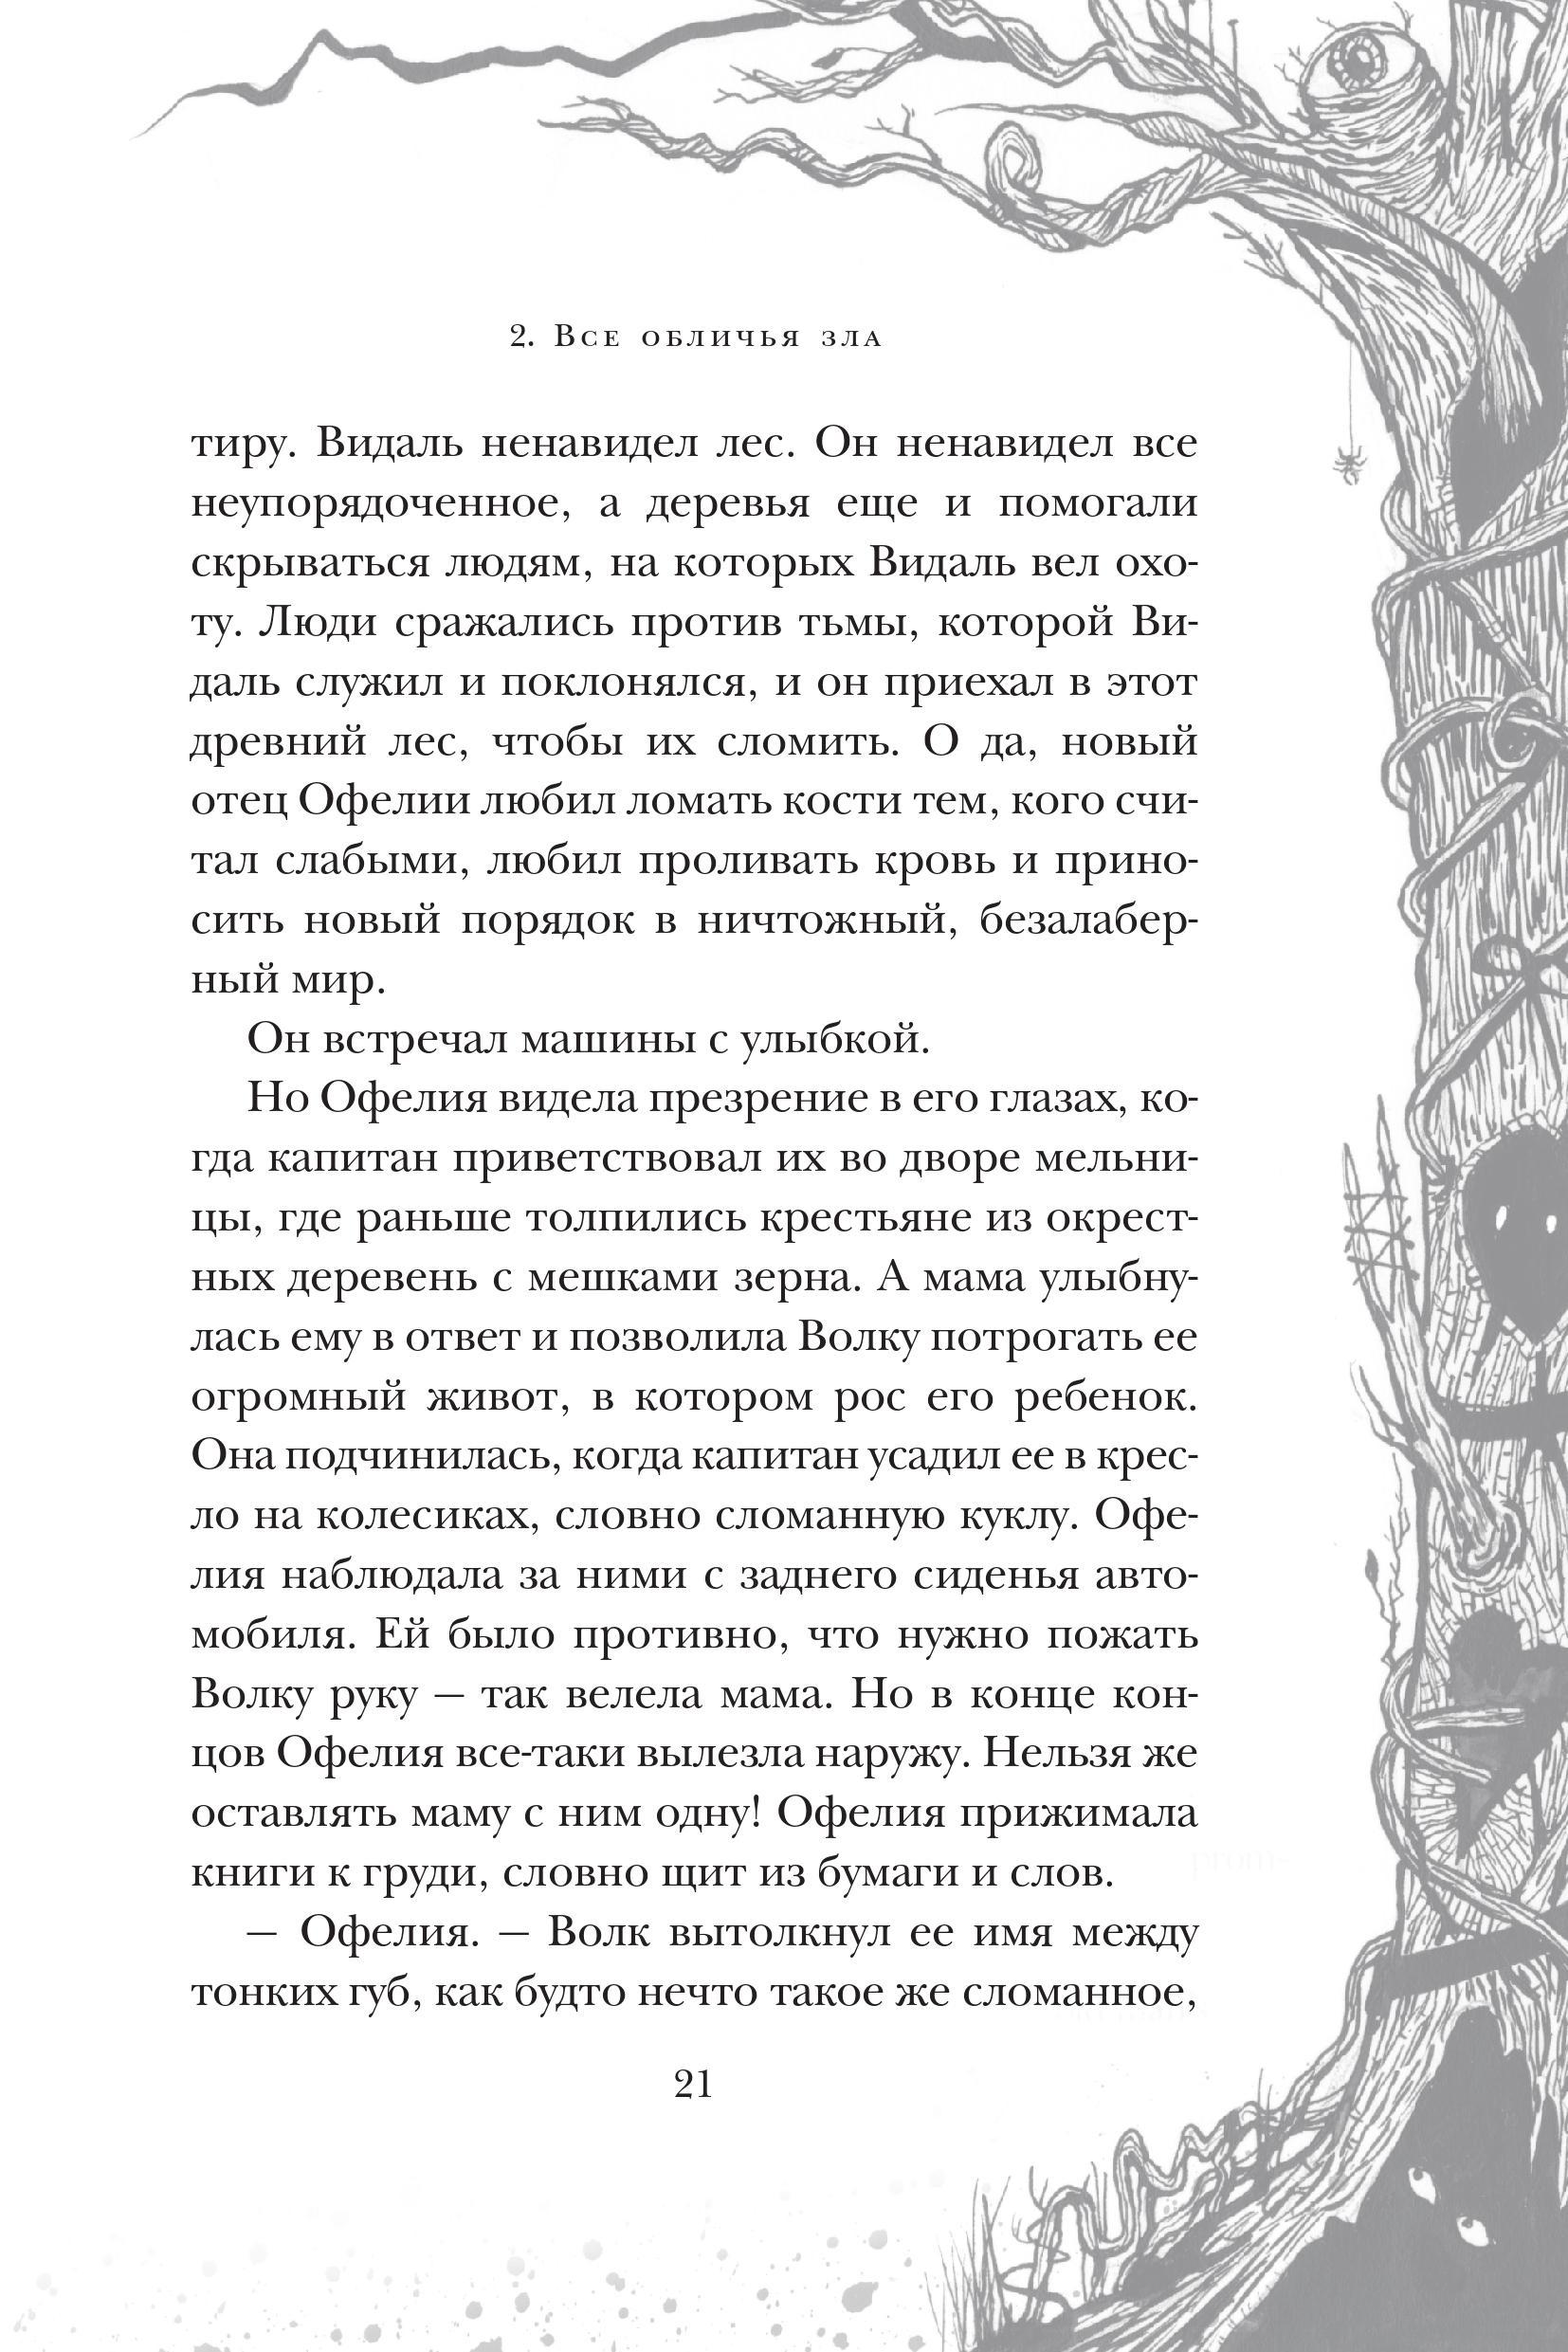 Мрачная сказка: отрывок из книги Гильермо Дель Торо и Корнелии Функе «Лабиринт Фавна» 13